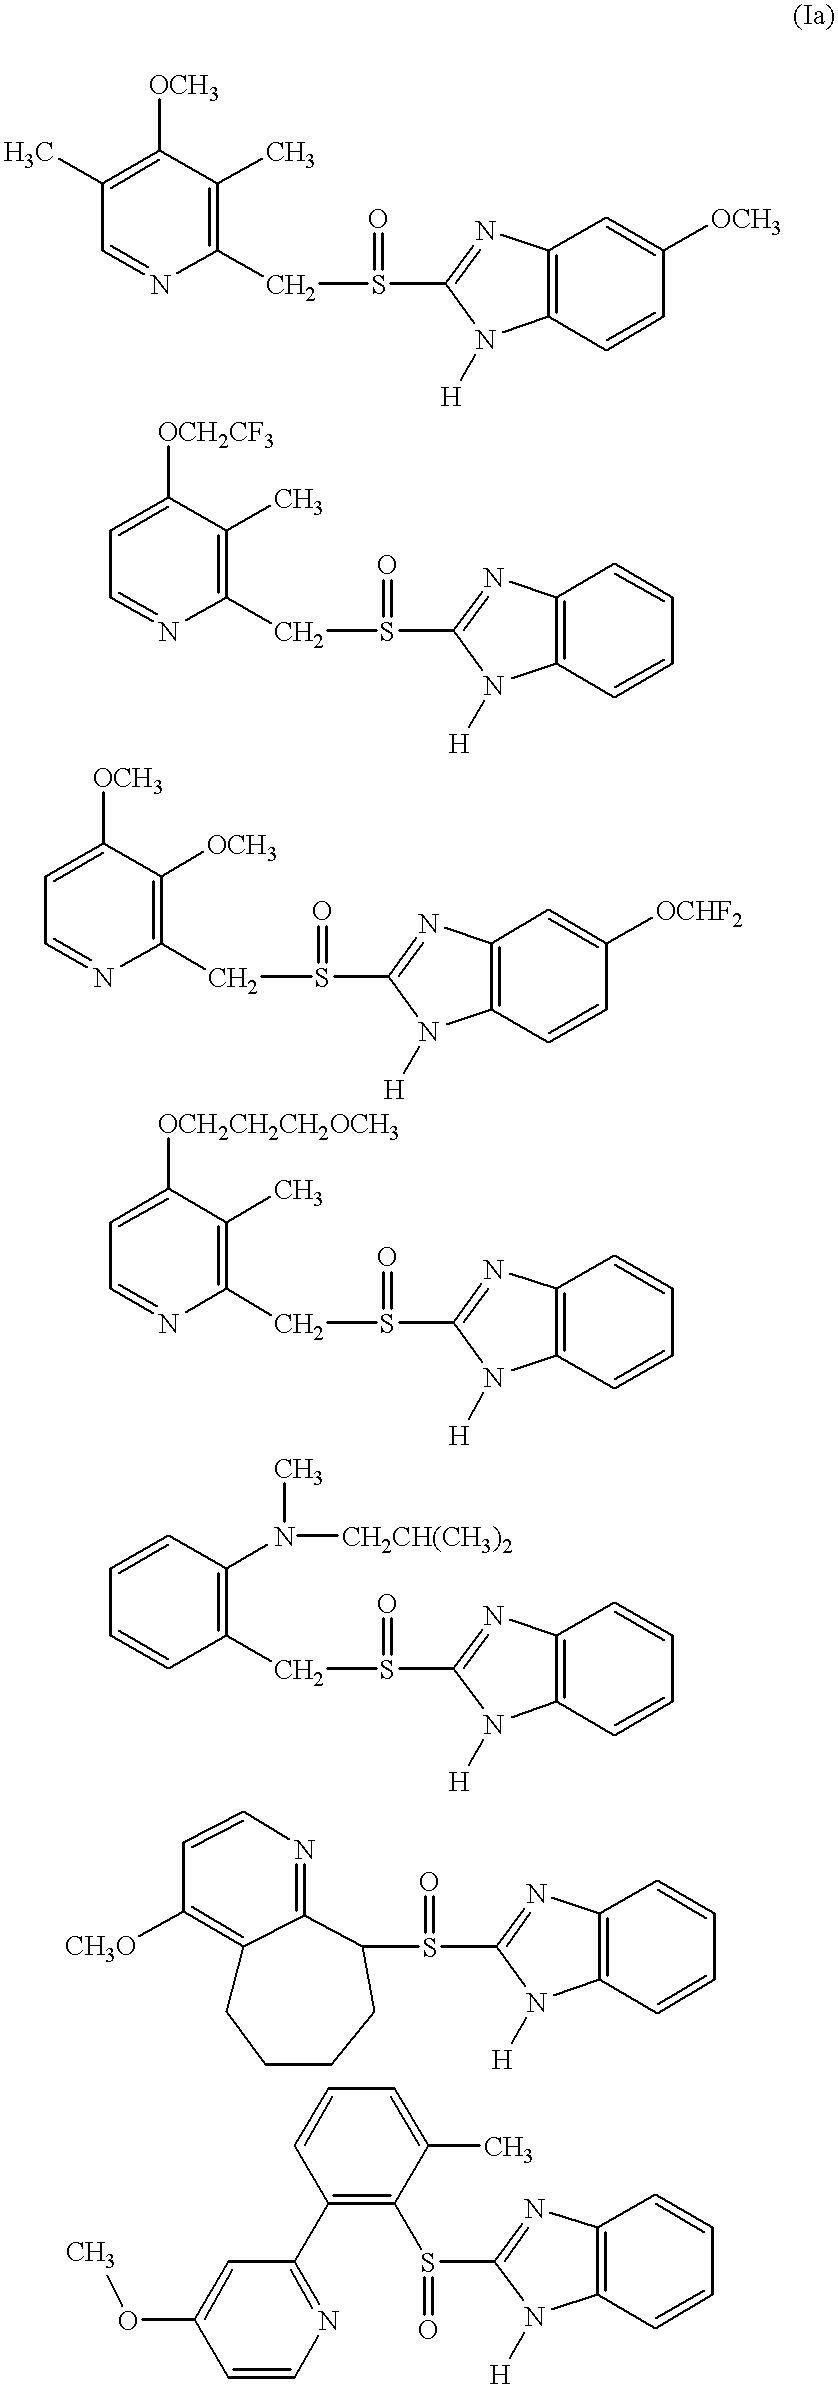 Figure US06610323-20030826-C00005